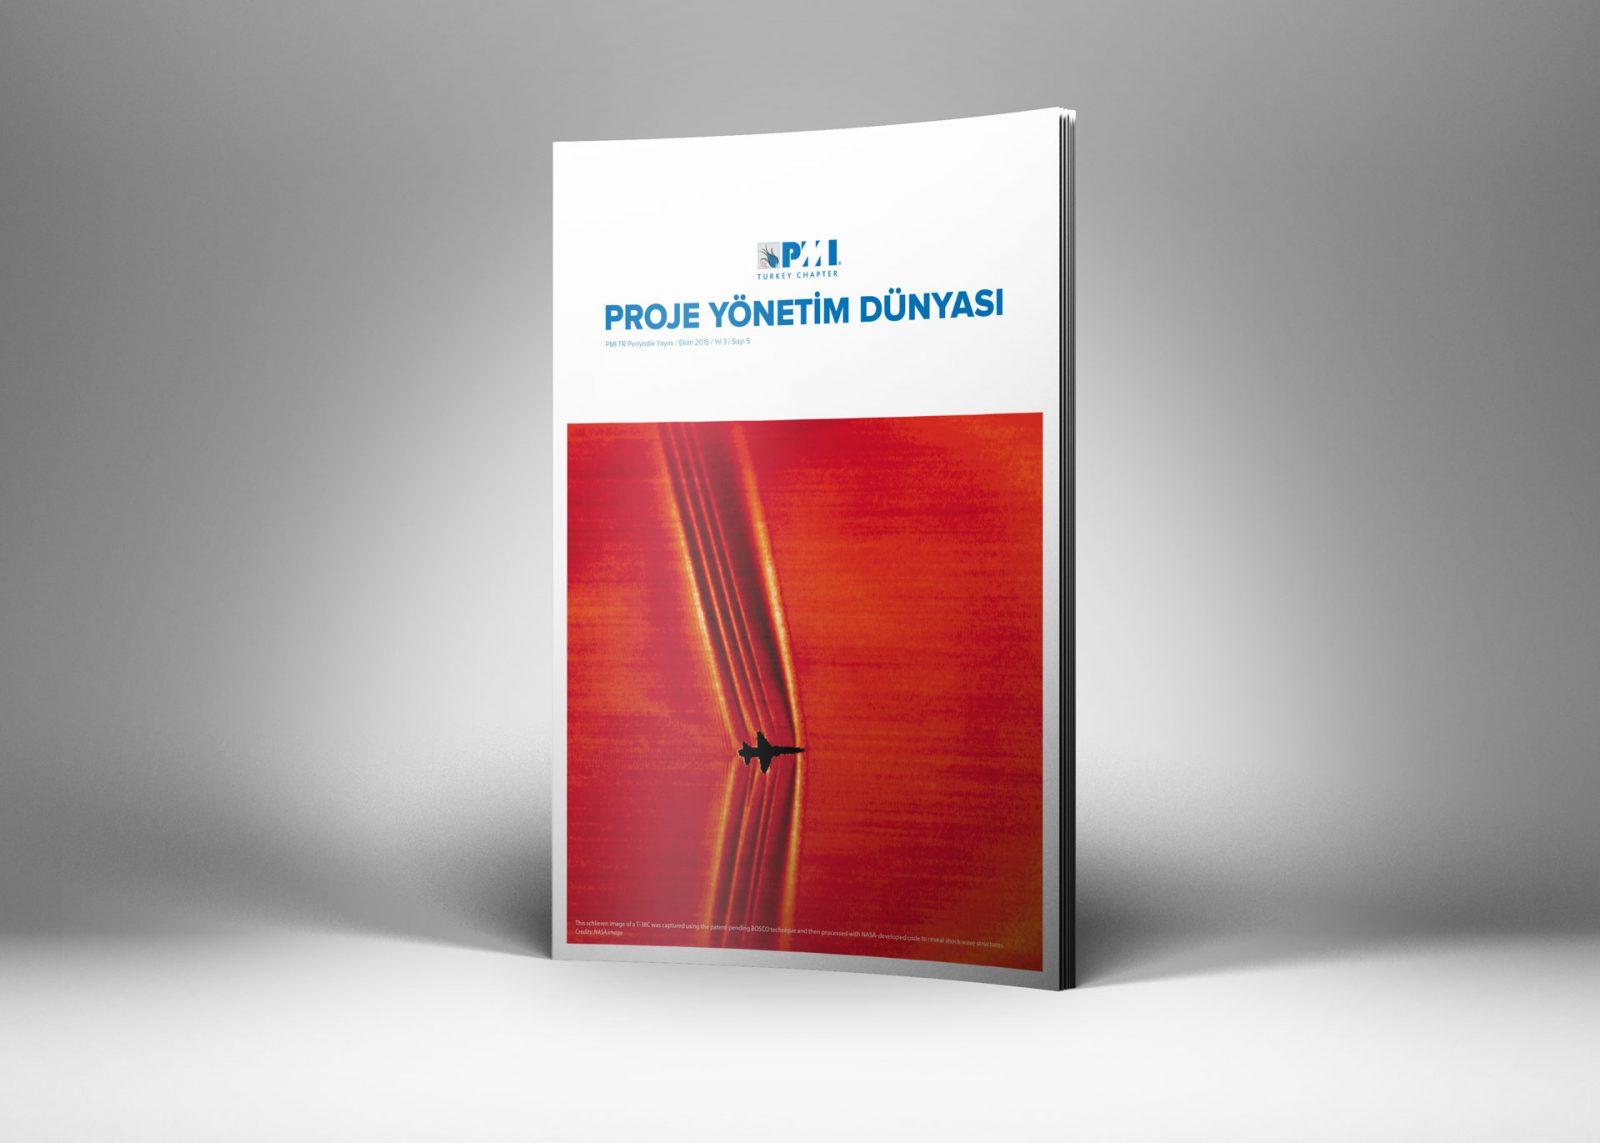 pmi tr dergi tasarımı sayı 5